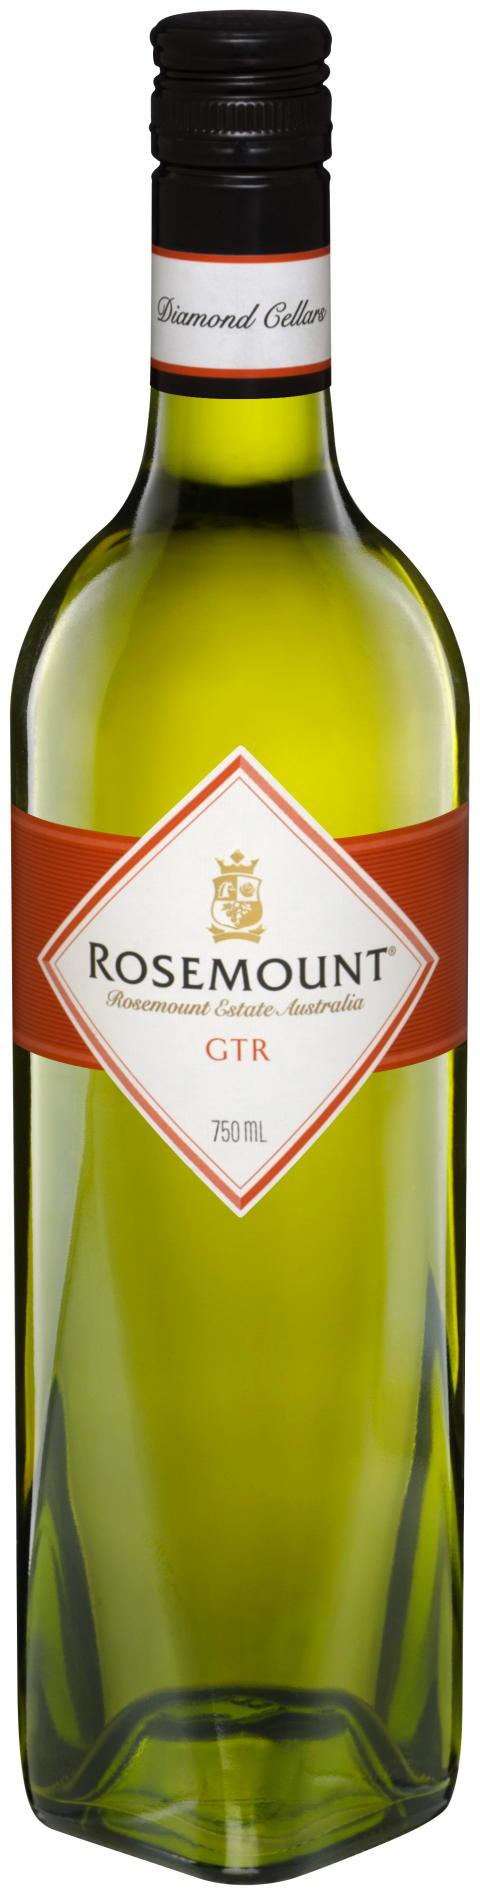 Rosemount GTR